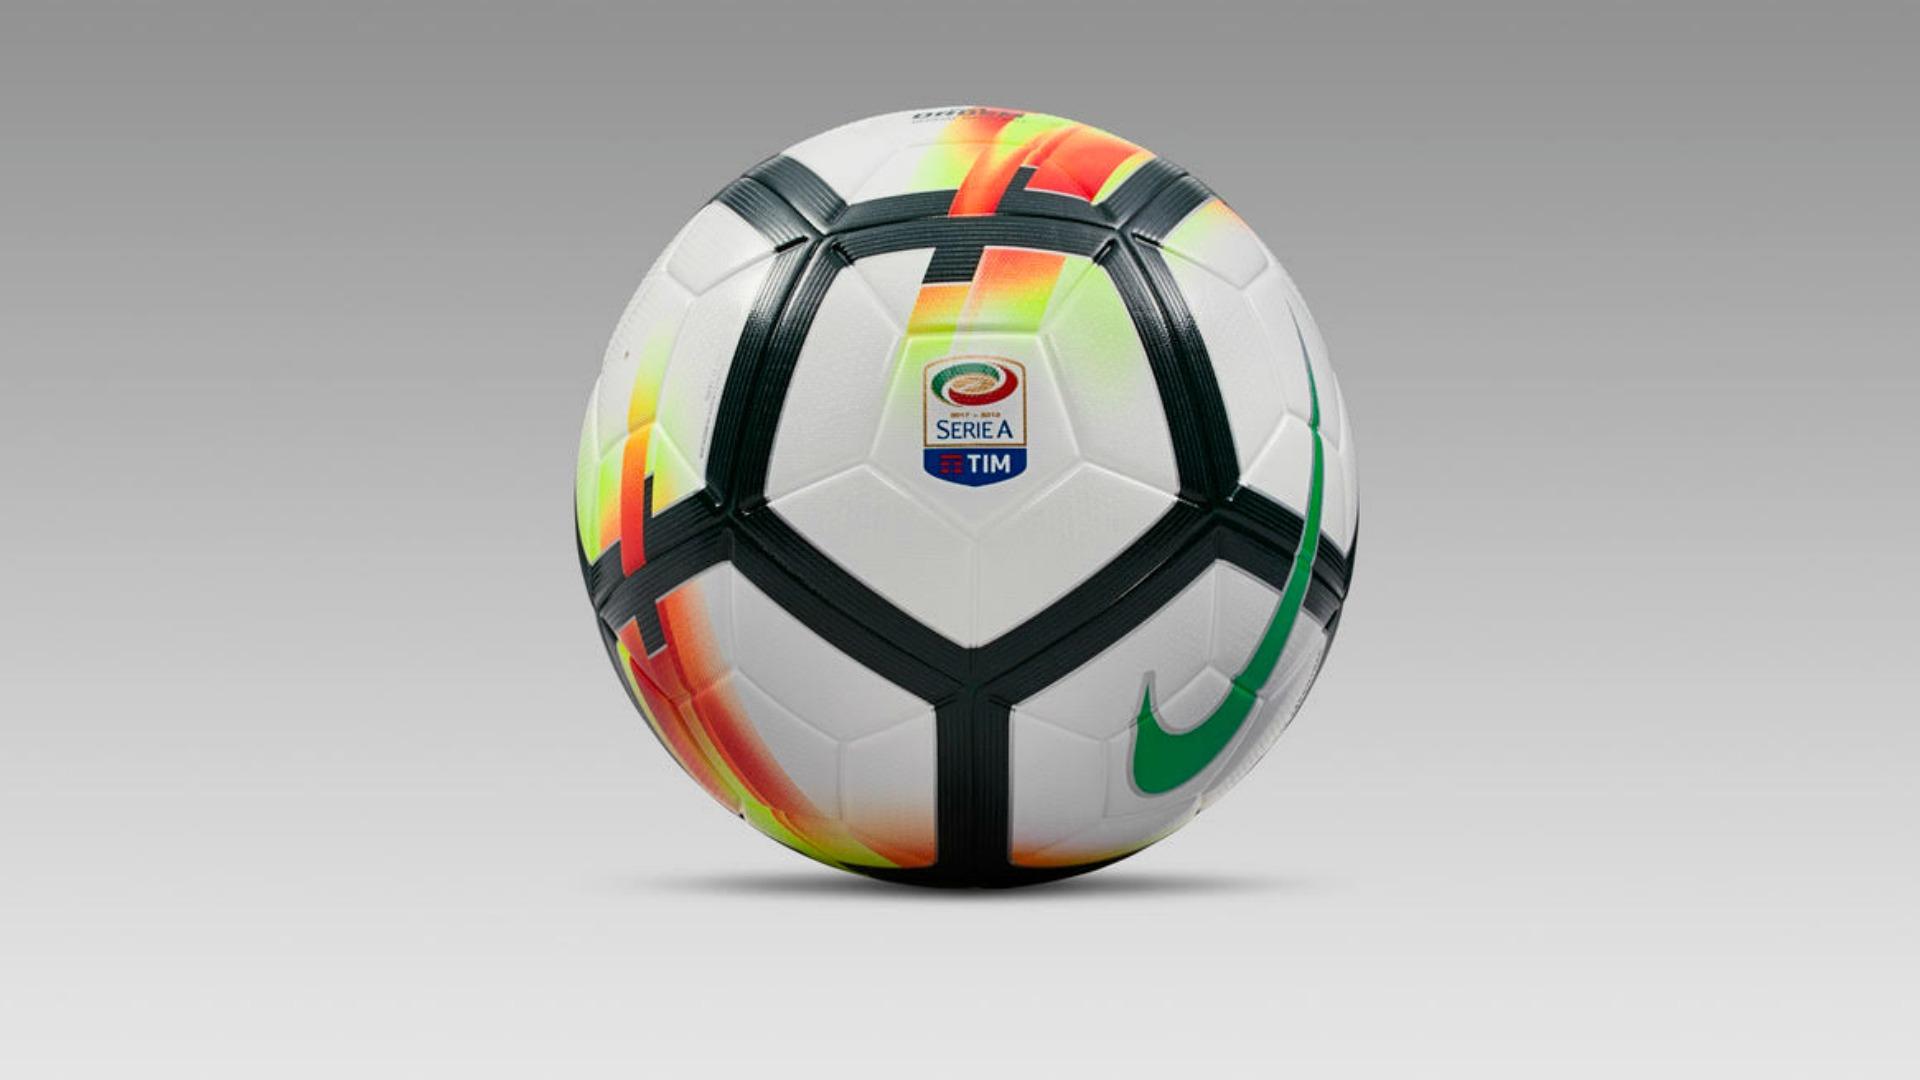 Serie A, svelato il nuovo pallone per la stagione 2017/2018